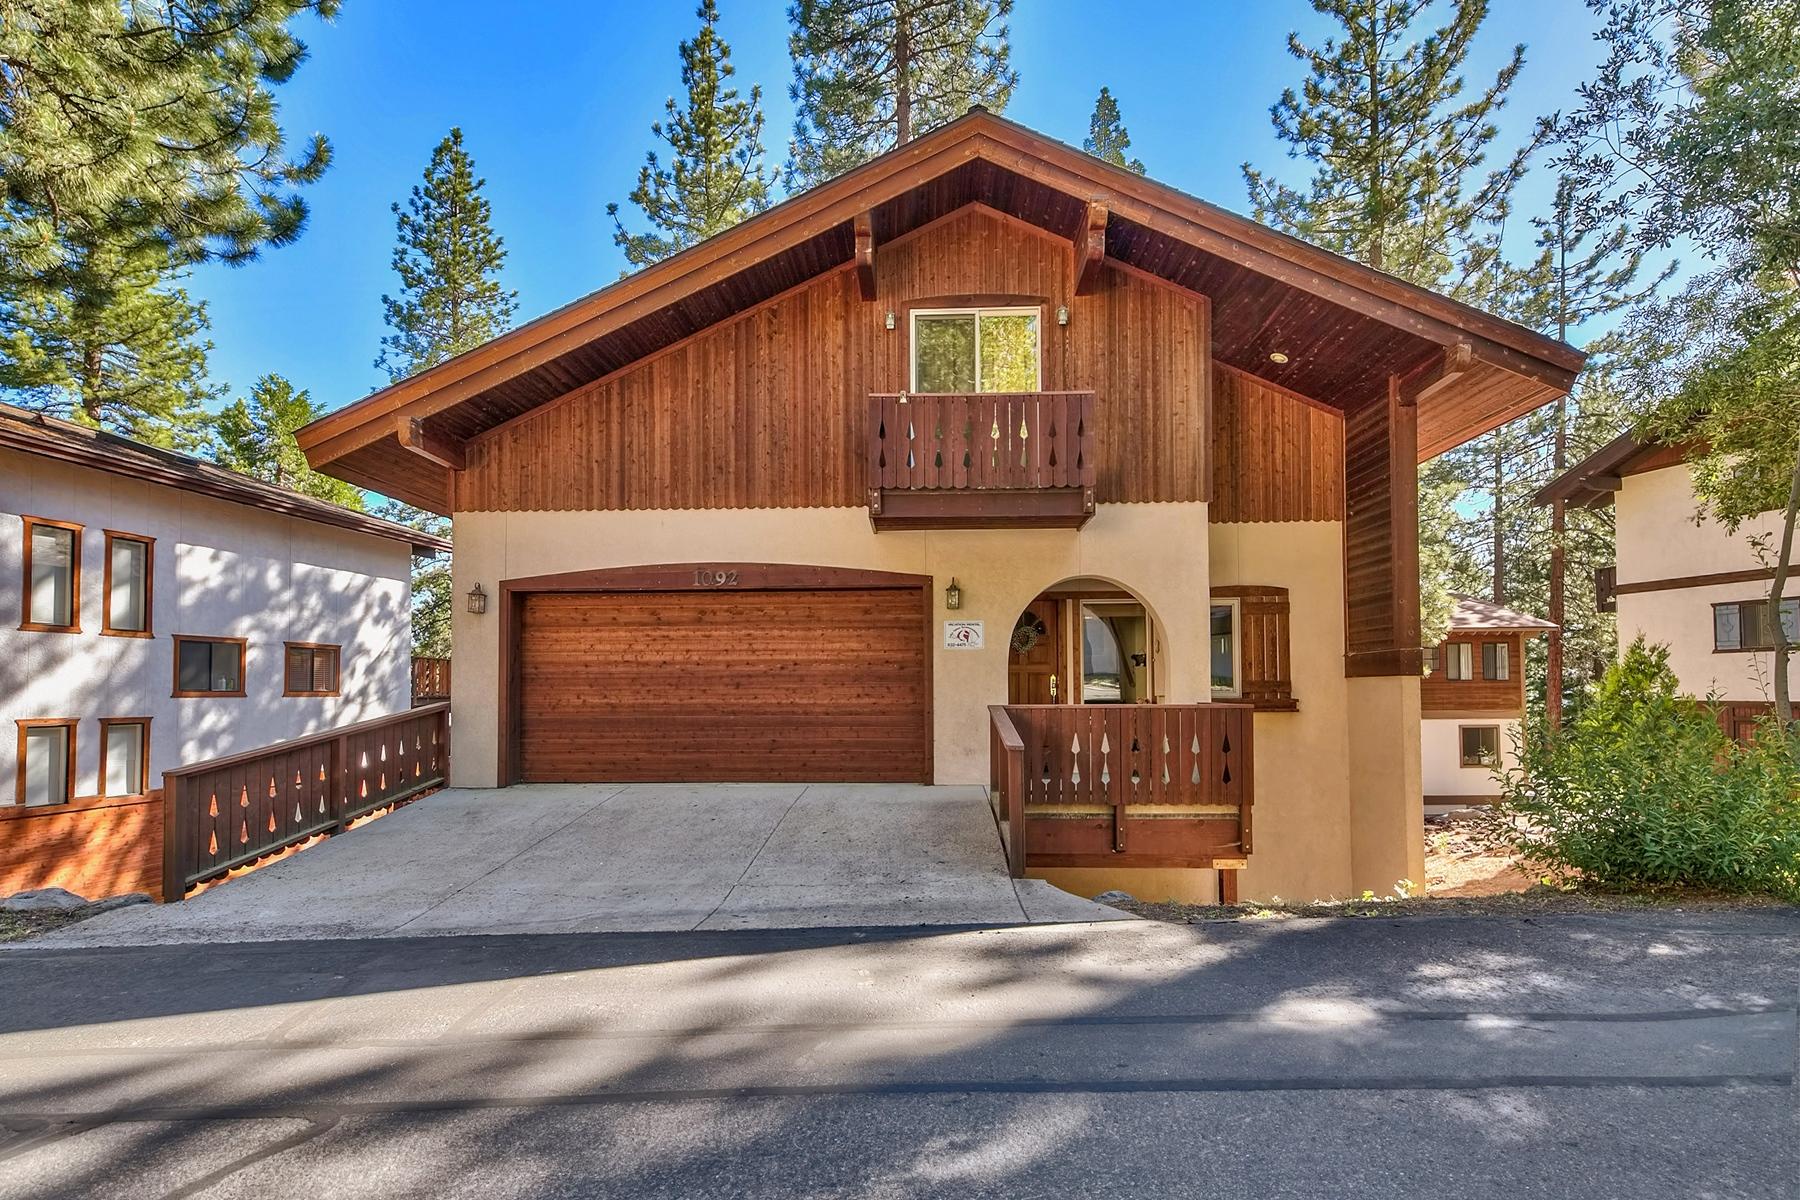 Tek Ailelik Ev için Satış at 1092 Lucerne Way, Incline Village, Nevada 1092 Lucerne Way Incline Village, Nevada 89451 Amerika Birleşik Devletleri